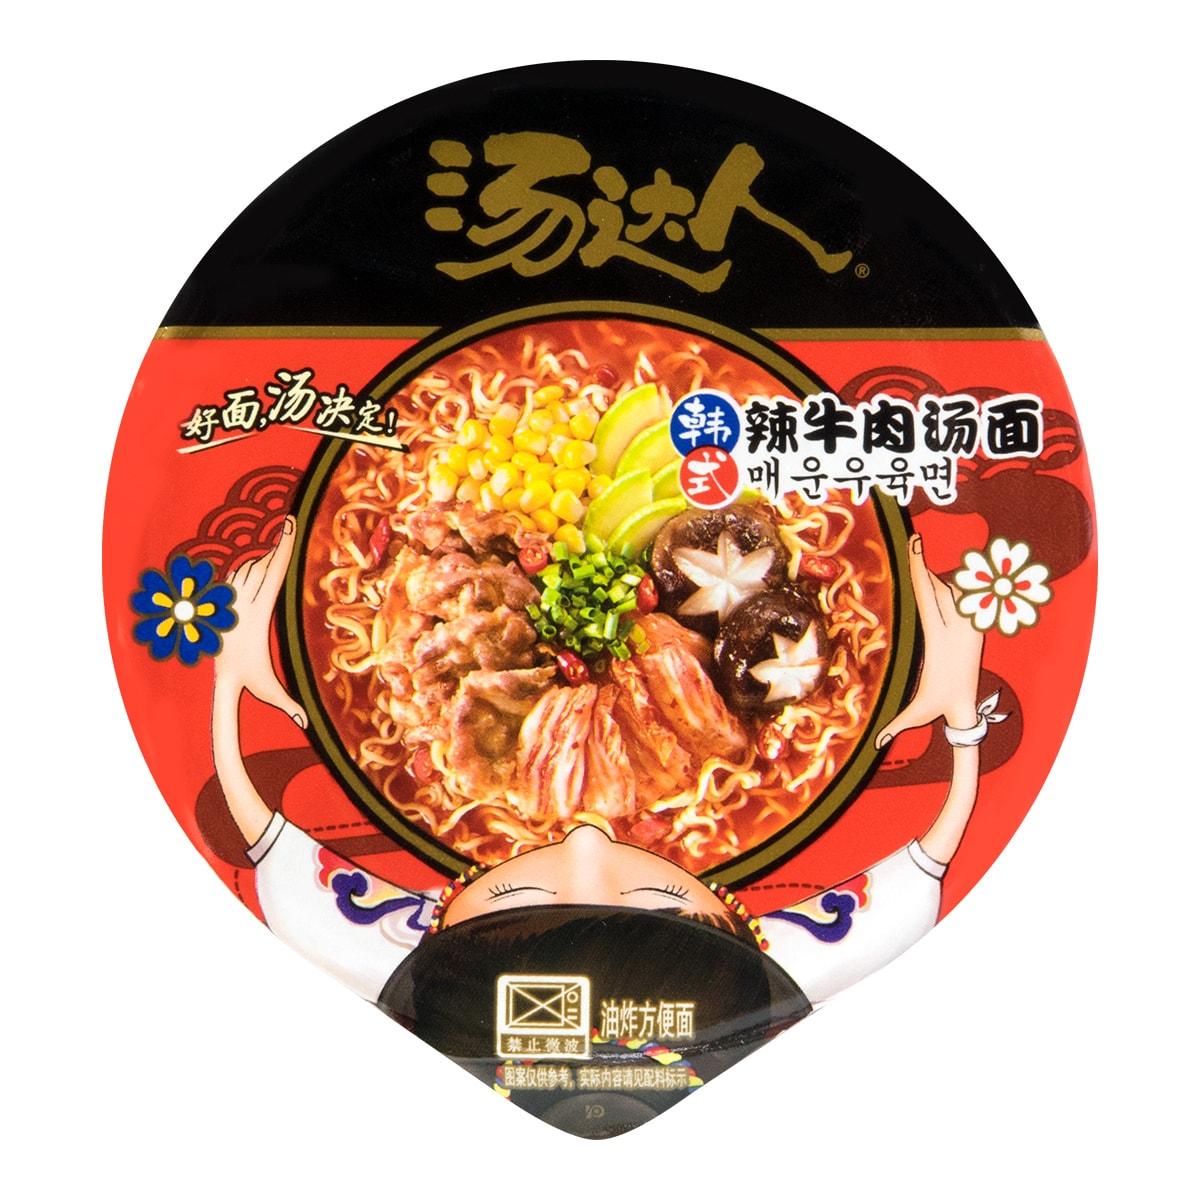 UNIF Soup Daren Spicy Beef Noodle 82g